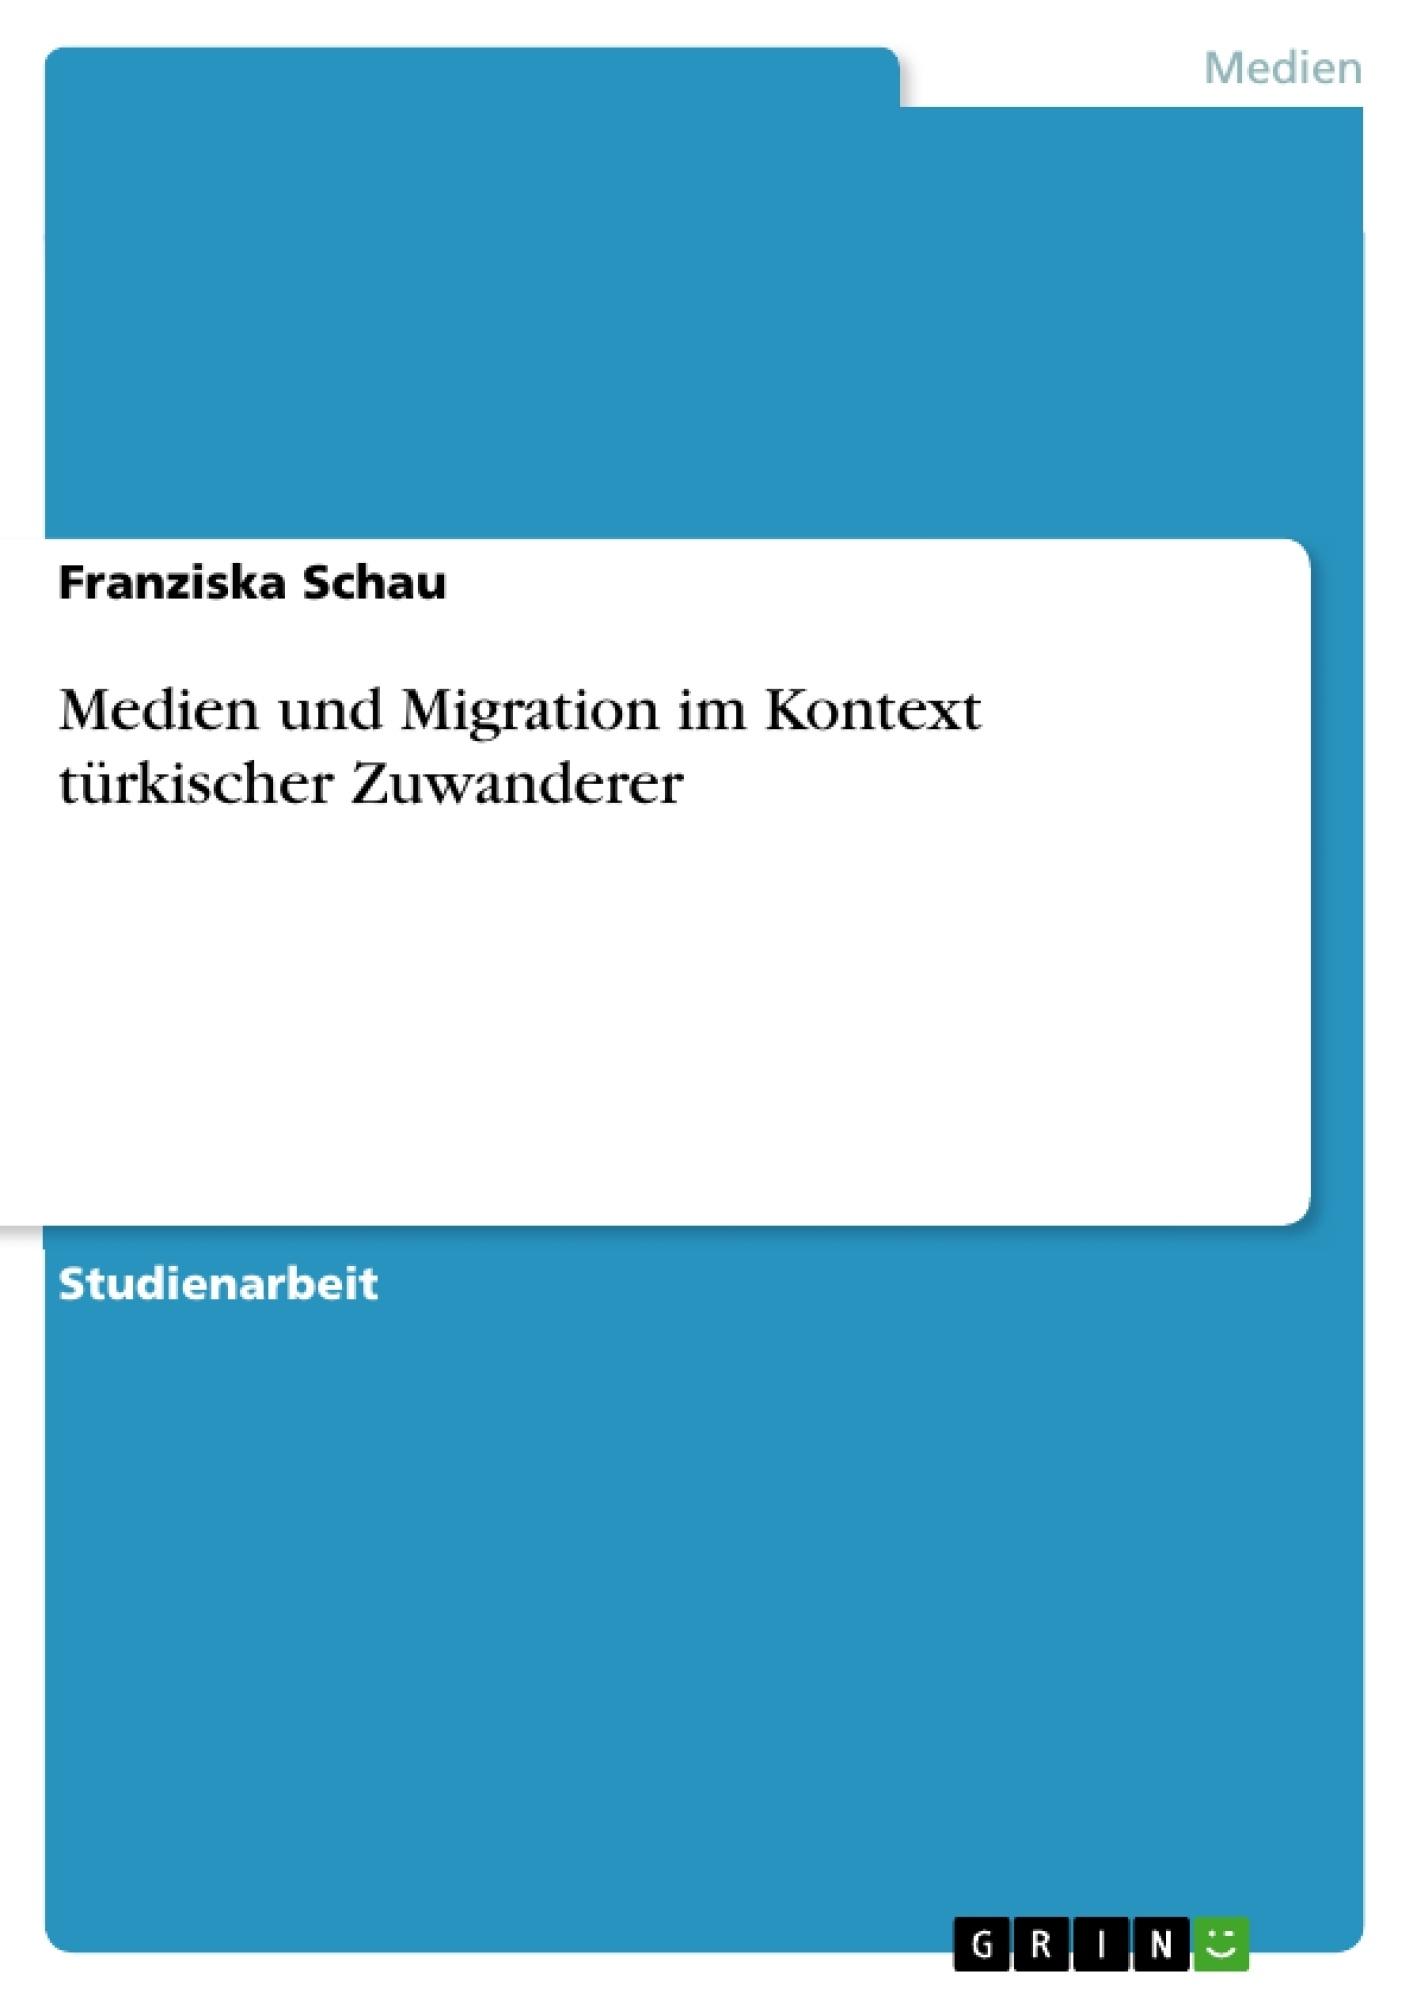 Titel: Medien und Migration im Kontext türkischer Zuwanderer